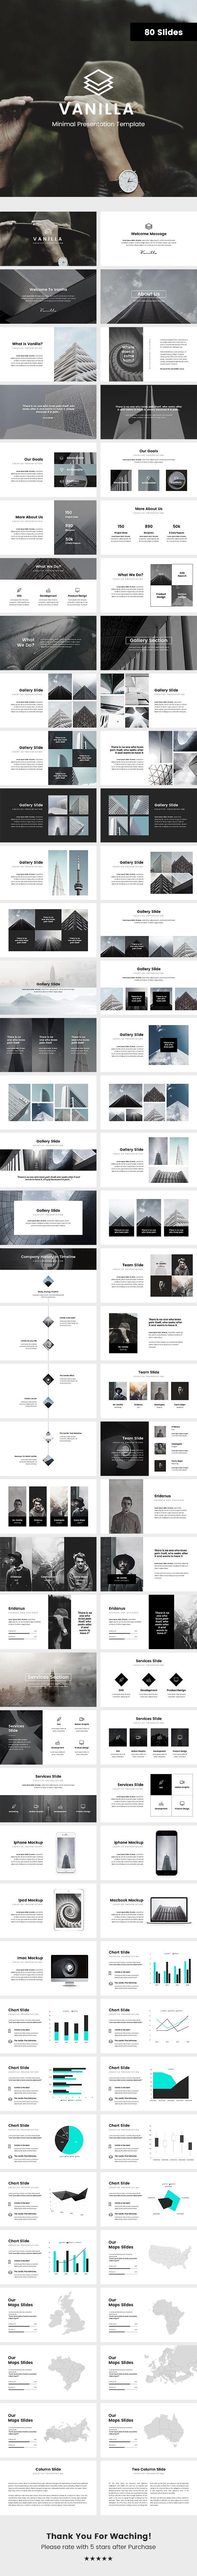 Vanilla Minimal Powerpoint Template - Business PowerPoint Templates